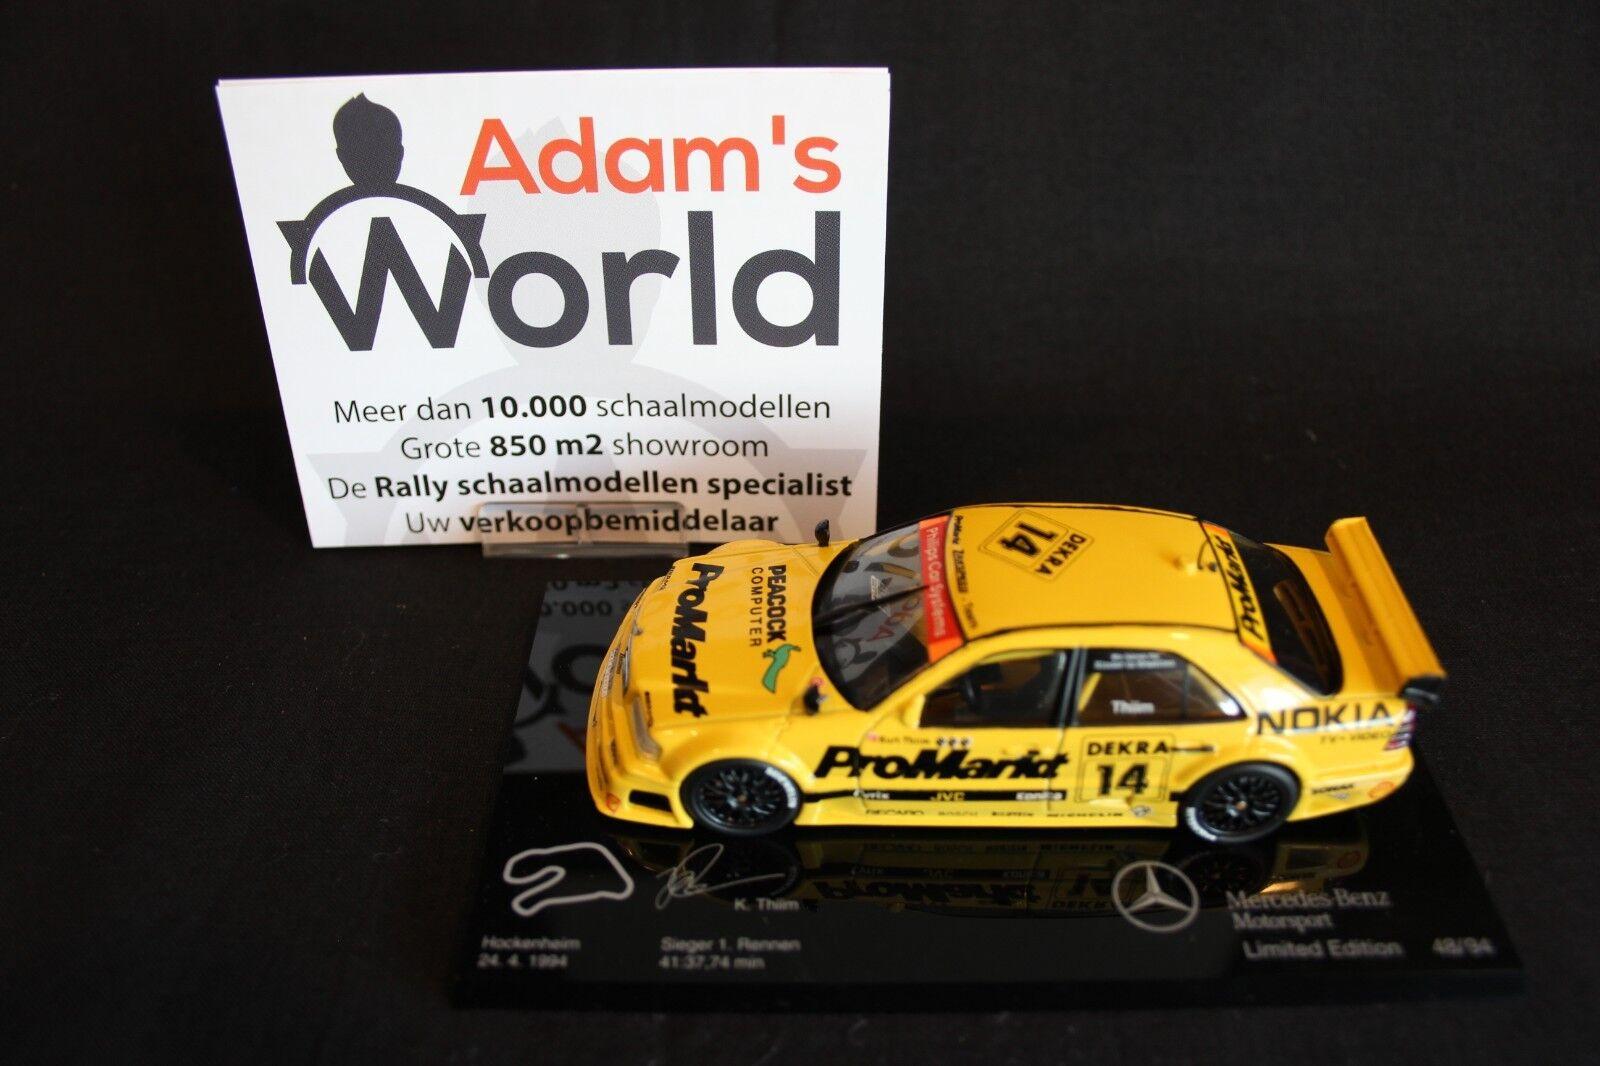 negozio online Minichamps AMG Mercedes C-classe C-classe C-classe DTM 1994 1 43  14 Kurt Thiim  48  94 (JS)  con il prezzo economico per ottenere la migliore marca